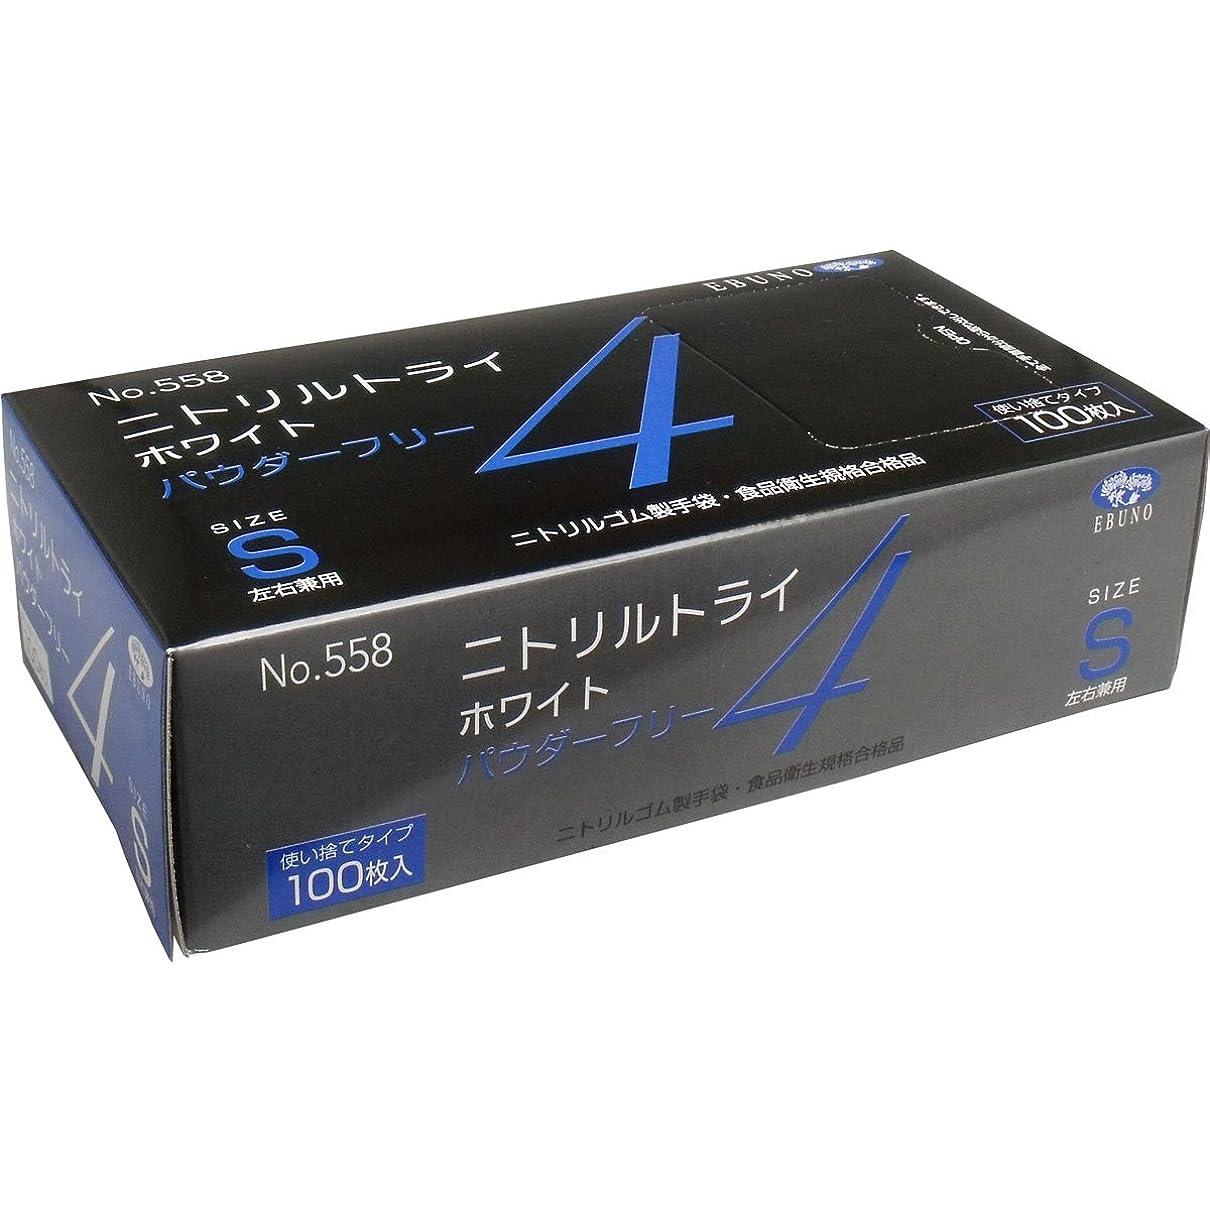 圧倒的韓国介入するニトリルトライ4 №558 ホワイト 粉無 Sサイズ 100枚入